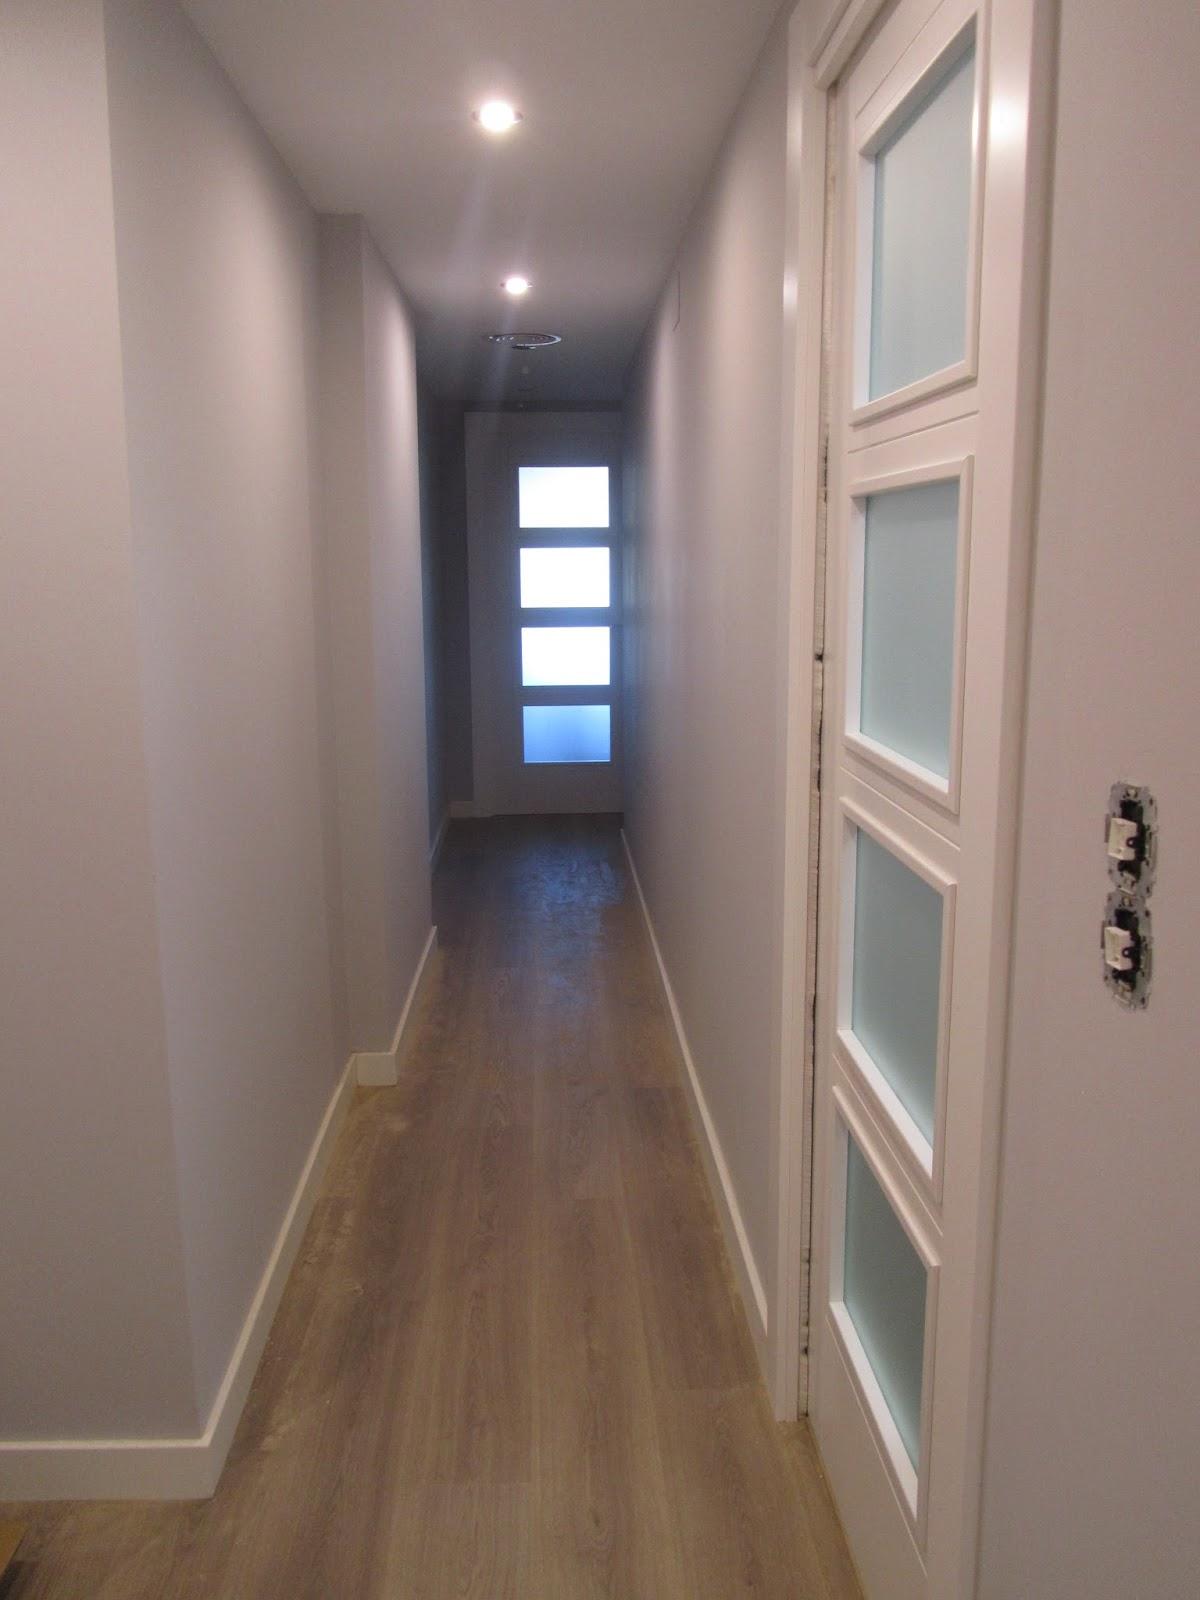 Puertas blancas lacadas precios cheap puertas blancas for Precio montaje puertas interior